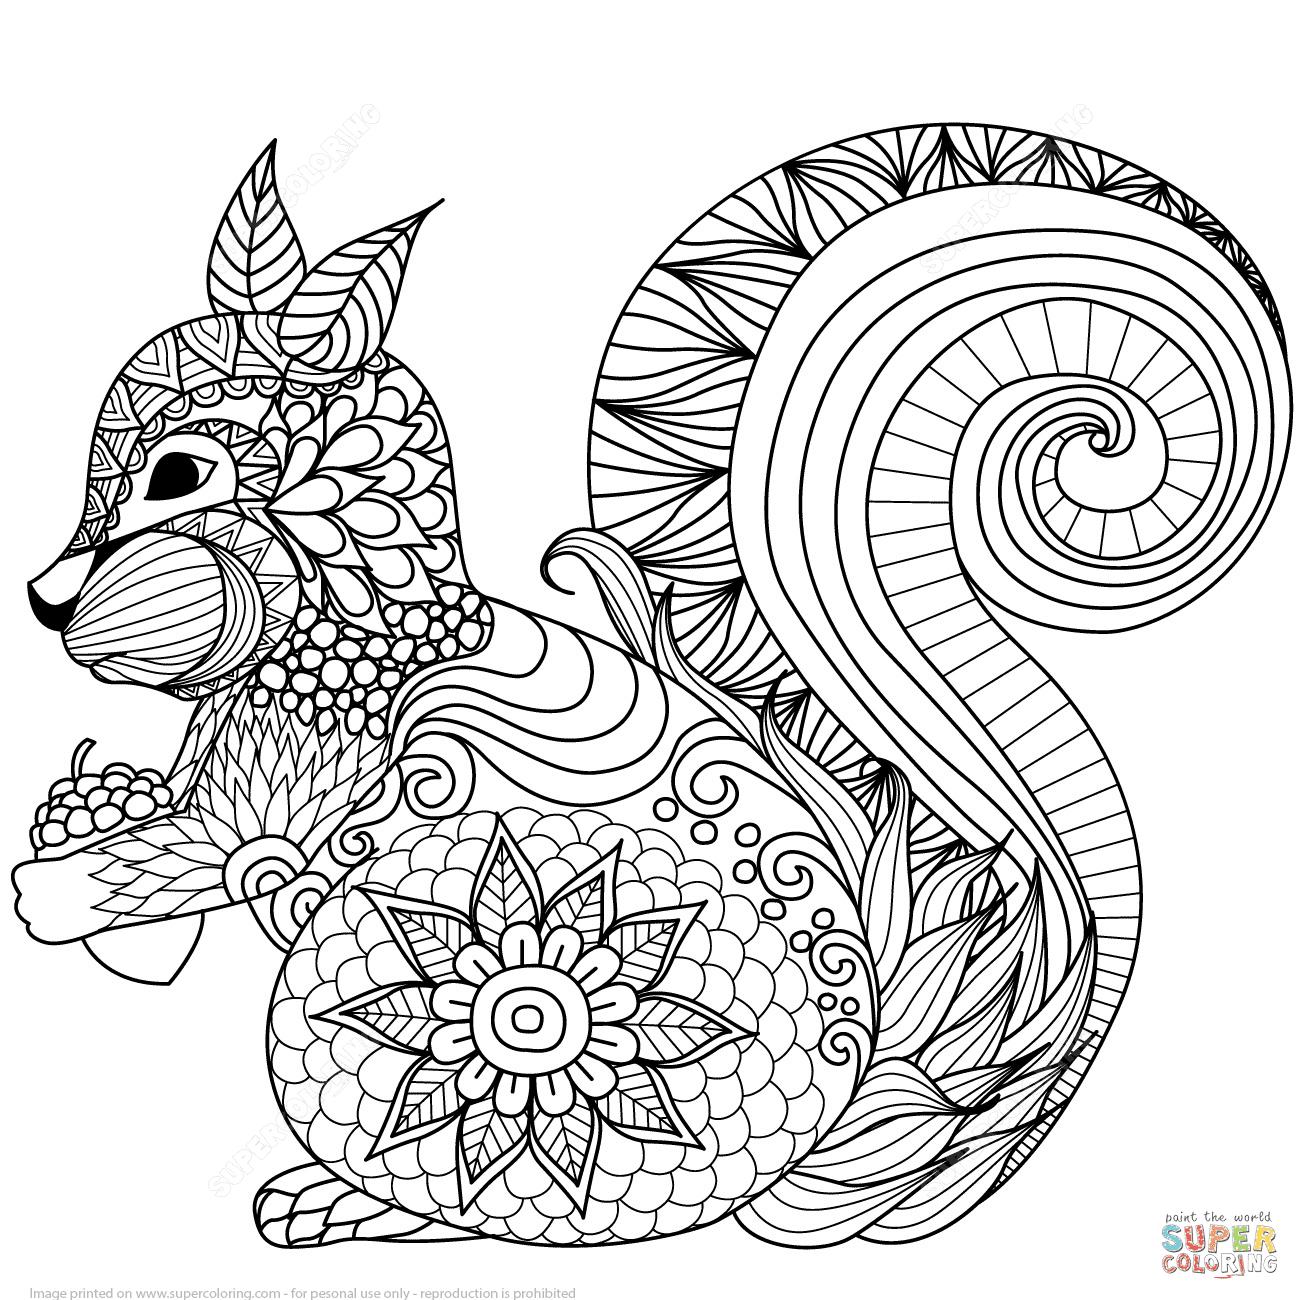 Klick das Bild hübsches Eichhörnchen Zentangle